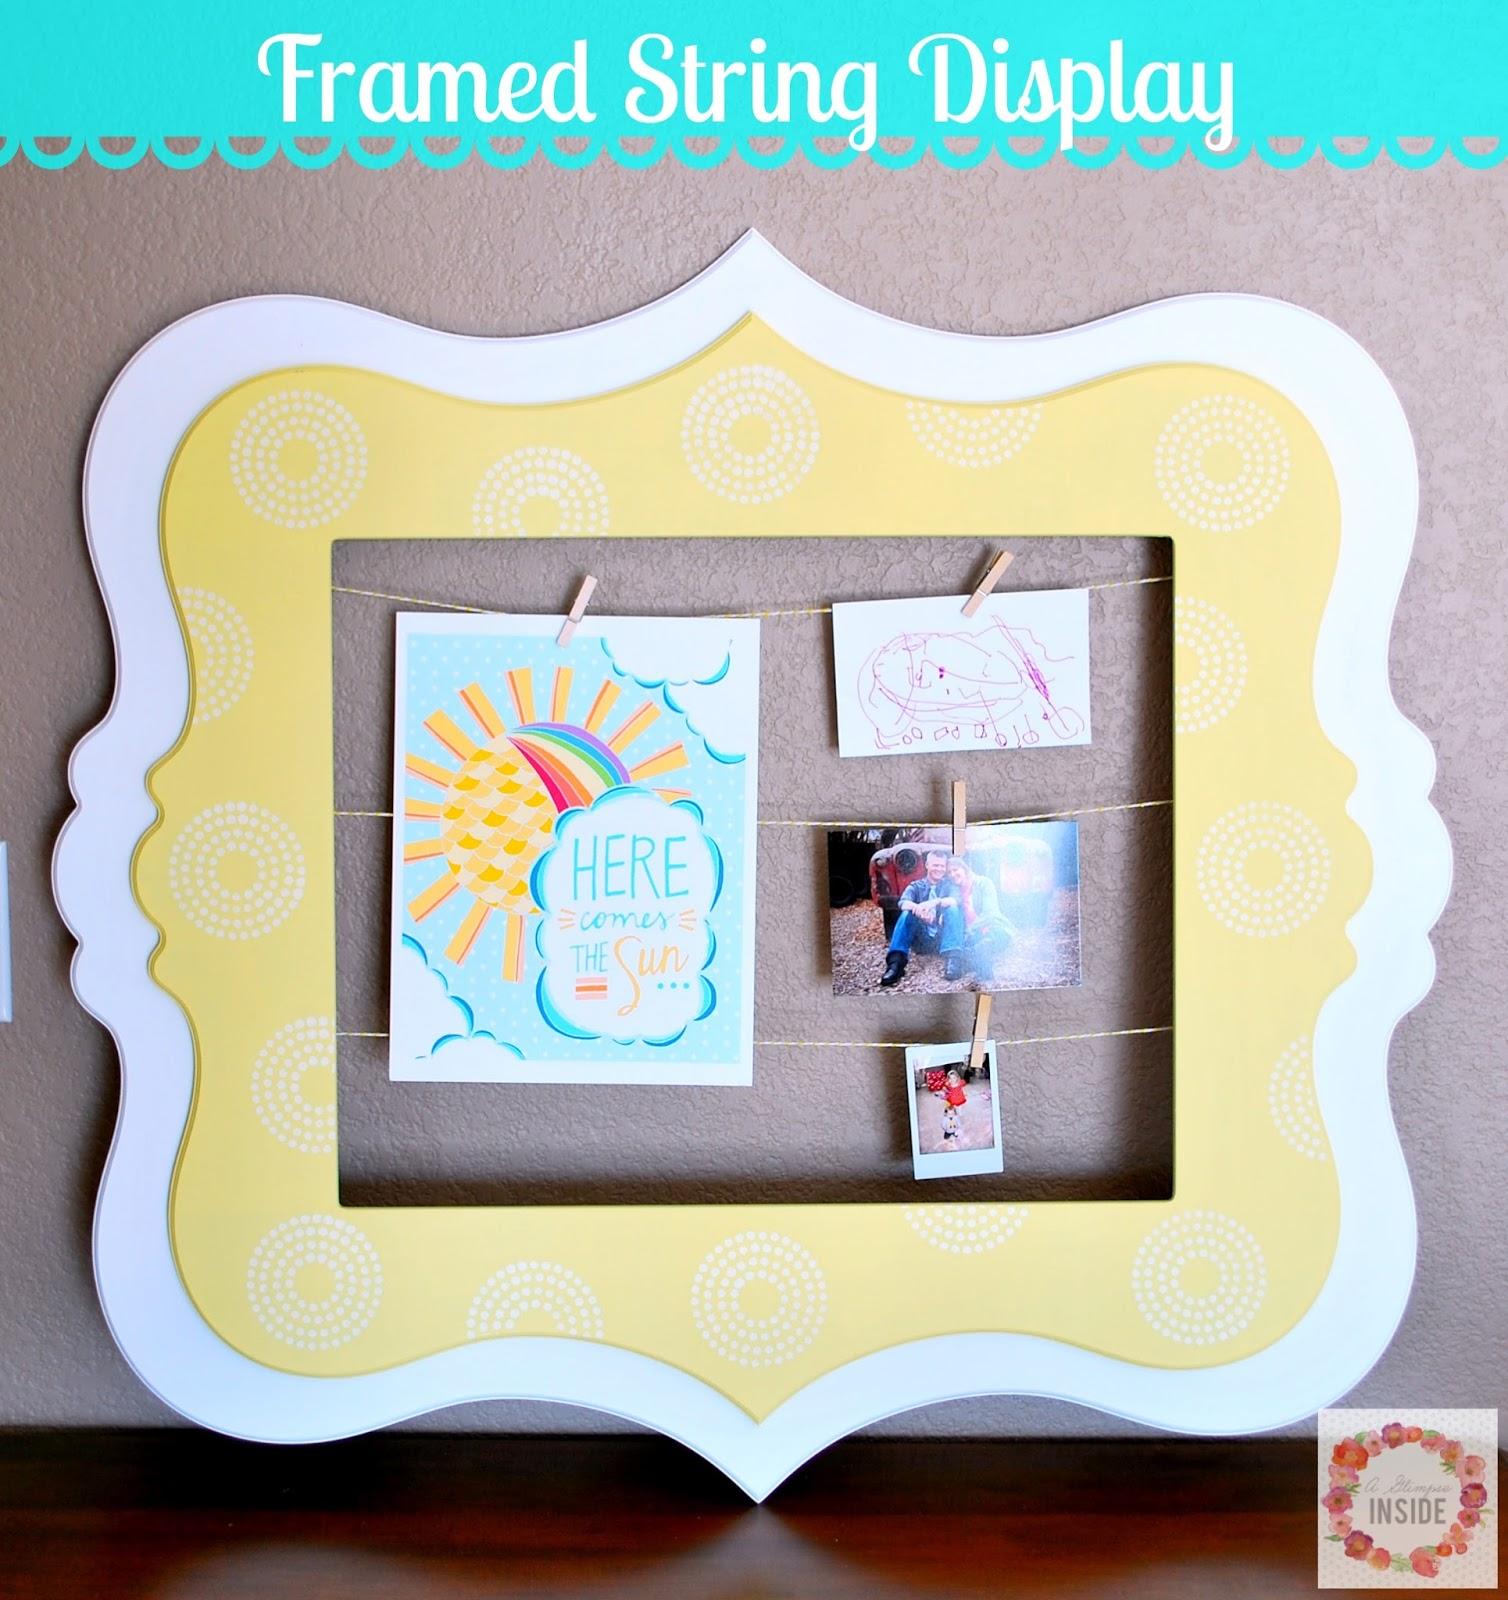 http://www.aglimpseinsideblog.com/2015/05/framed-string-display.html